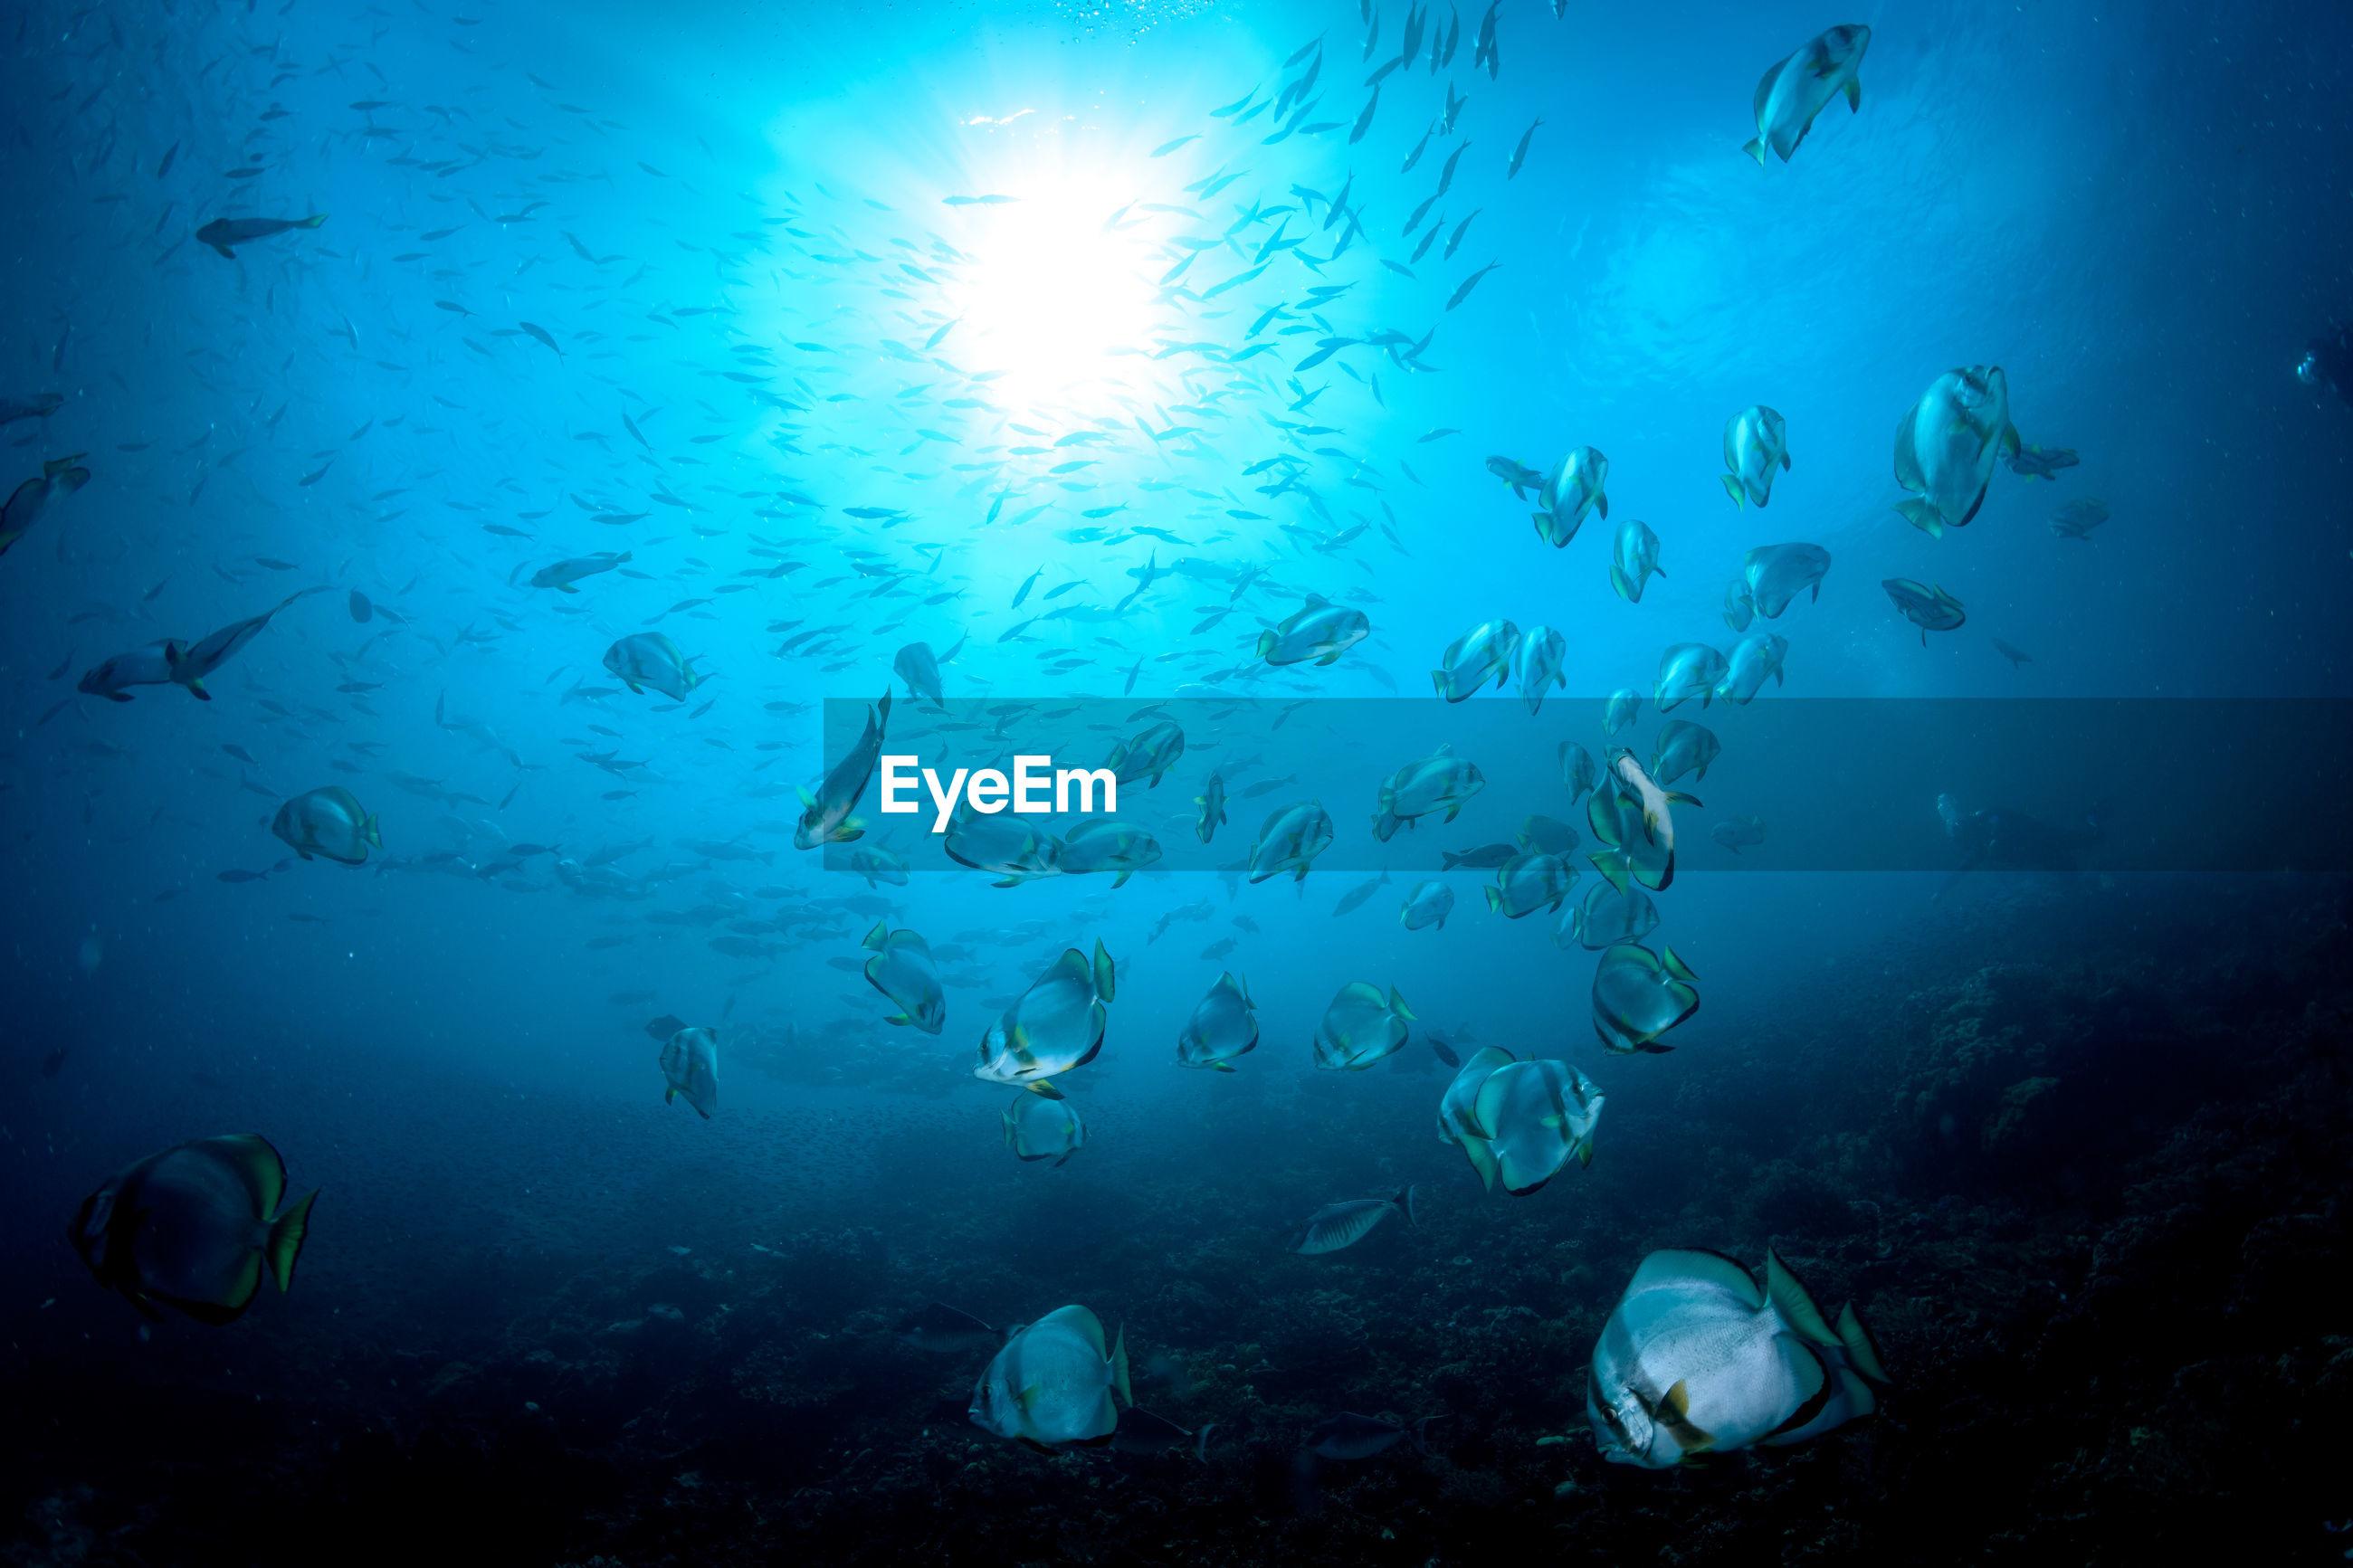 UNDERWATER VIEW OF FISH SWIMMING